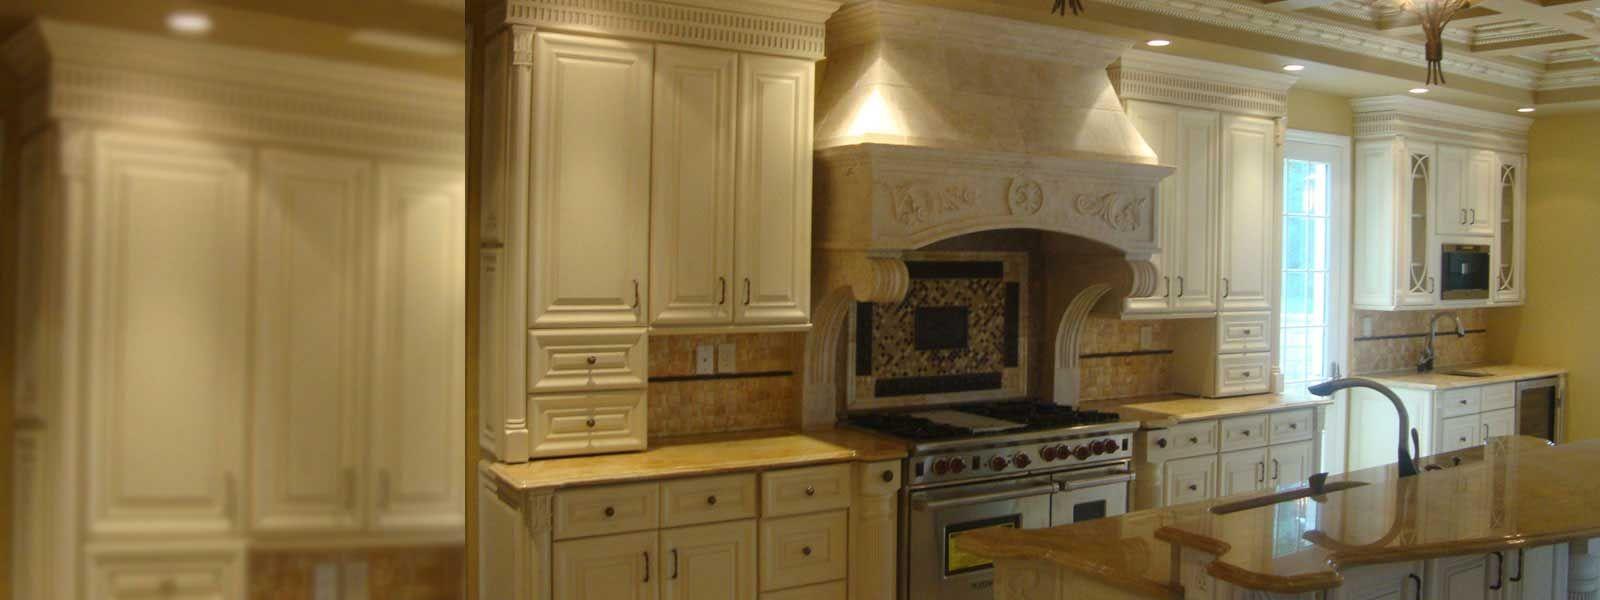 Kitchen Cabinets Long Island Nassau-Suffolk: Vanities ...